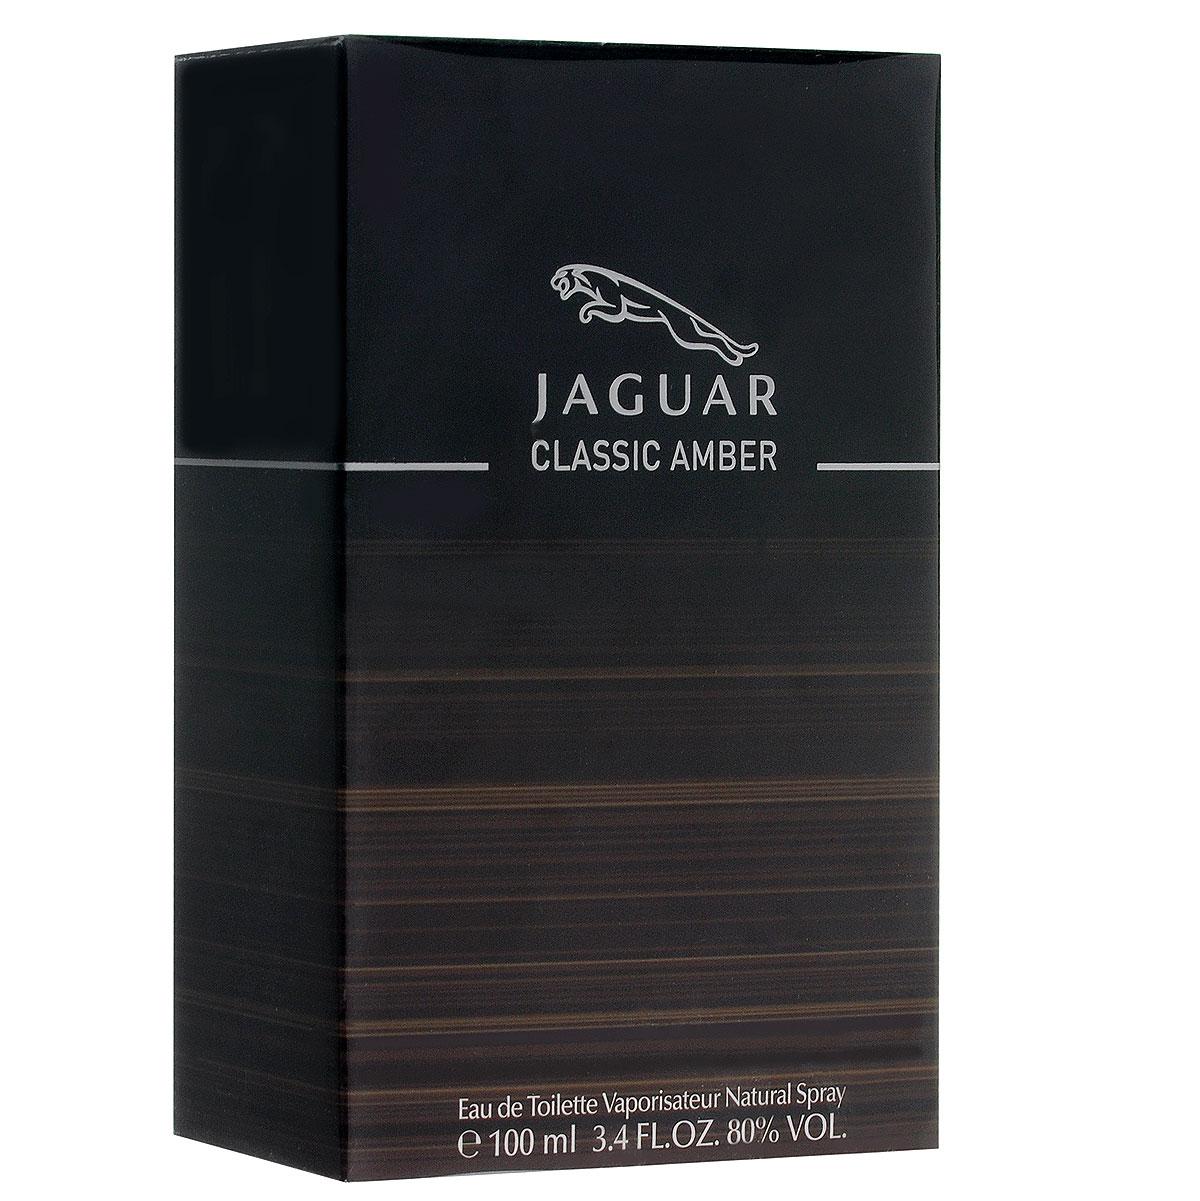 Jaguar Туалетная вода Classic Amber, мужская, 100 млL0257102Аромат Classic Amber от Jaguar - настоящая мужская элегантность, заключенная во флаконе. Так же, как автомобили Jaguar, не зависимо от времени, аромат подчеркивает тот же стиль и изысканность. Парфюмер - Доминик Прейсса.Классификация аромата: фужерный, восточный.Пирамида аромата:Верхние ноты: мандарин, грейпфрут, петитгрейн, розовый перец.Ноты сердца: корица, смола элеми, пряный черный перец, флердоранж, яблоко.Ноты шлейфа: кедр, ветивер, ладан, ваниль, кожаный нюанс, мускус. Ключевые слова Мужественный, загадочный, чувственный! Туалетная вода - один из самых популярных видов парфюмерной продукции. Туалетная вода содержит 4-10%парфюмерного экстракта. Главные достоинства данного типа продукции заключаются в доступной цене, разнообразии форматов (как правило, 30, 50, 75, 100 мл), удобстве использования (чаще всего - спрей). Идеальна для дневного использования. Товар сертифицирован.